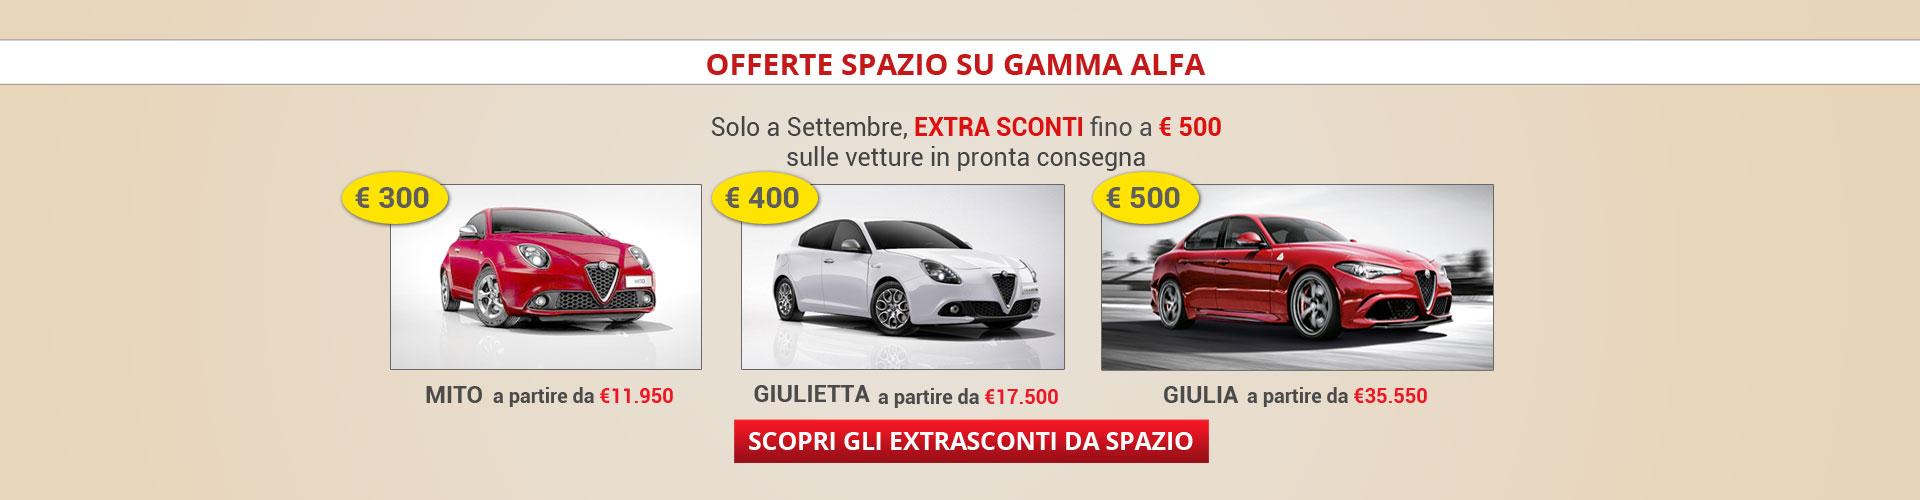 Extra sconti su gamma Alfa Mito Giulietta Giulia